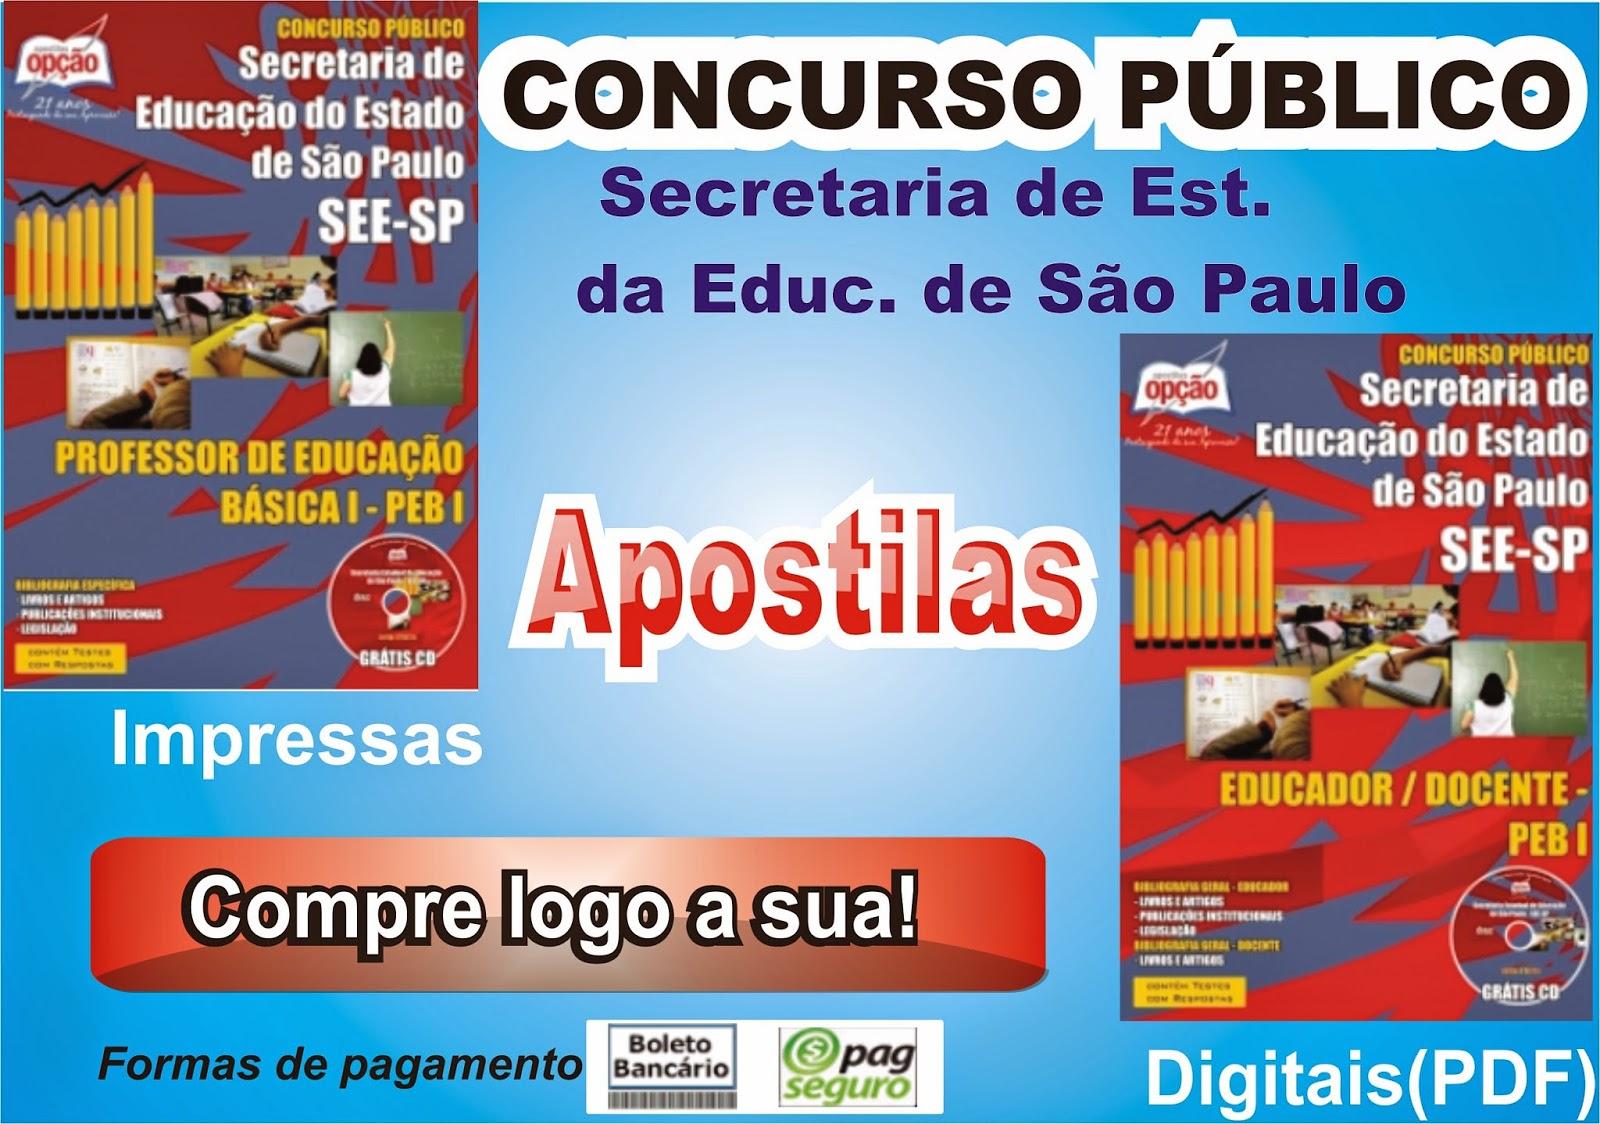 http://www.apostilasopcao.com.br/apostilas/1318/2305/secretaria-de-estado-da-educacao-de-sao-paulo/educador-docente-peb-i.php?afiliado=2561